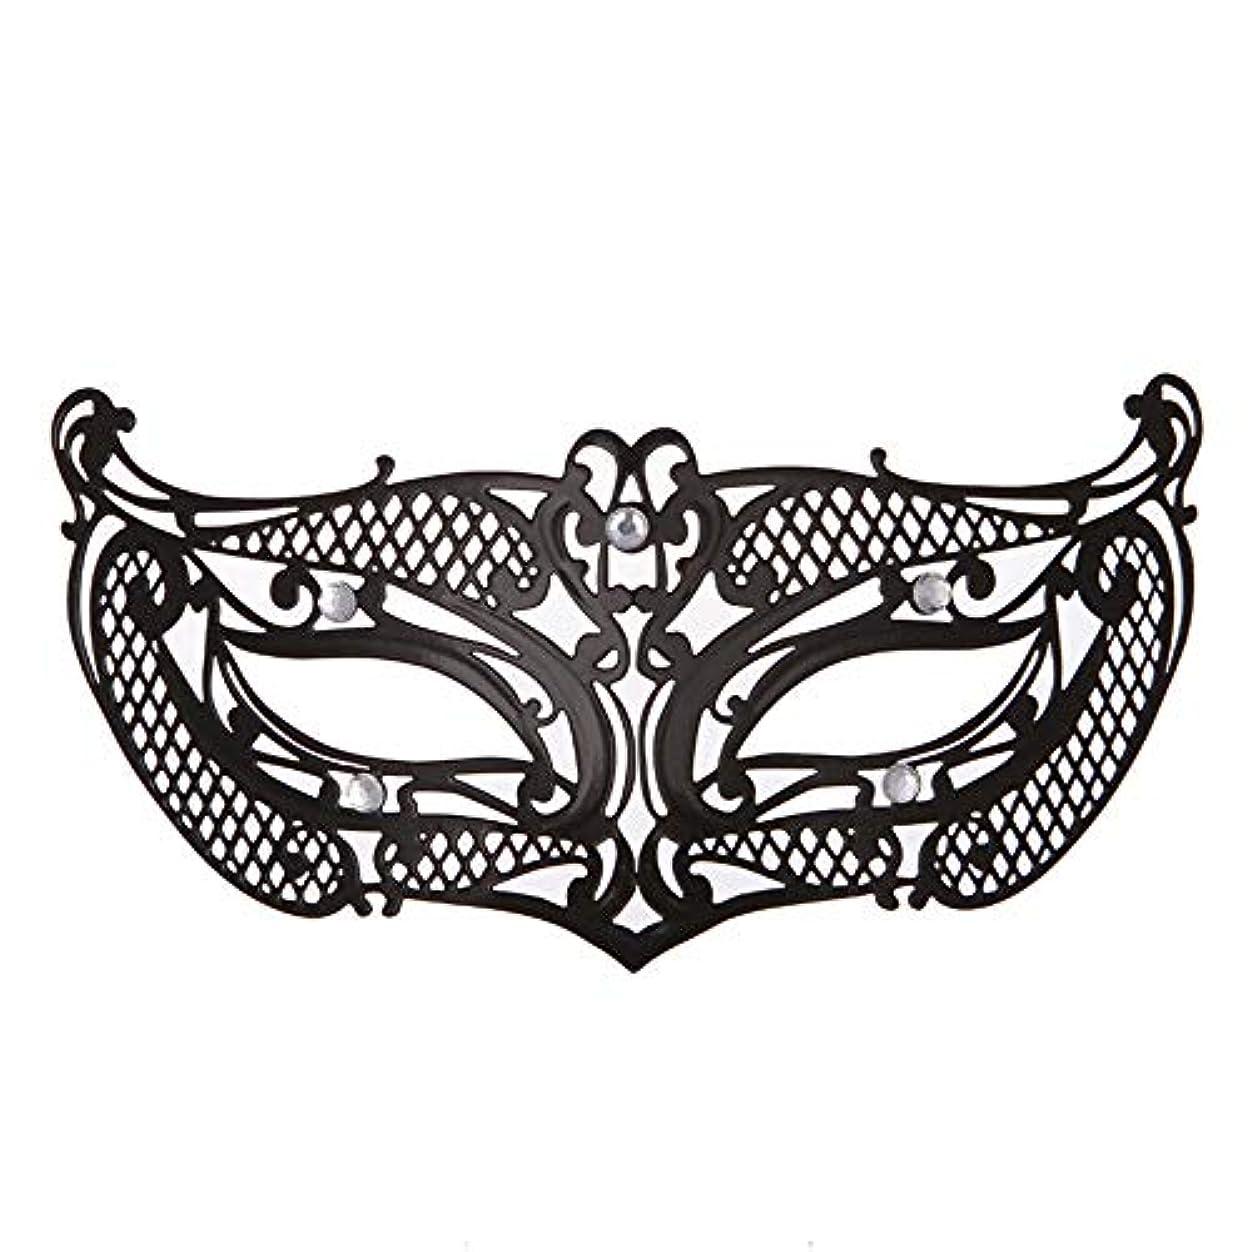 災害祖母器官ダンスマスク アイアンメタリックレースとダイヤモンドハーフマスクハロウィンダンスマスクナイトクラブボールマスクコスプレパーティーハロウィンマスク ホリデーパーティー用品 (色 : ブラック, サイズ : 19x8cm)